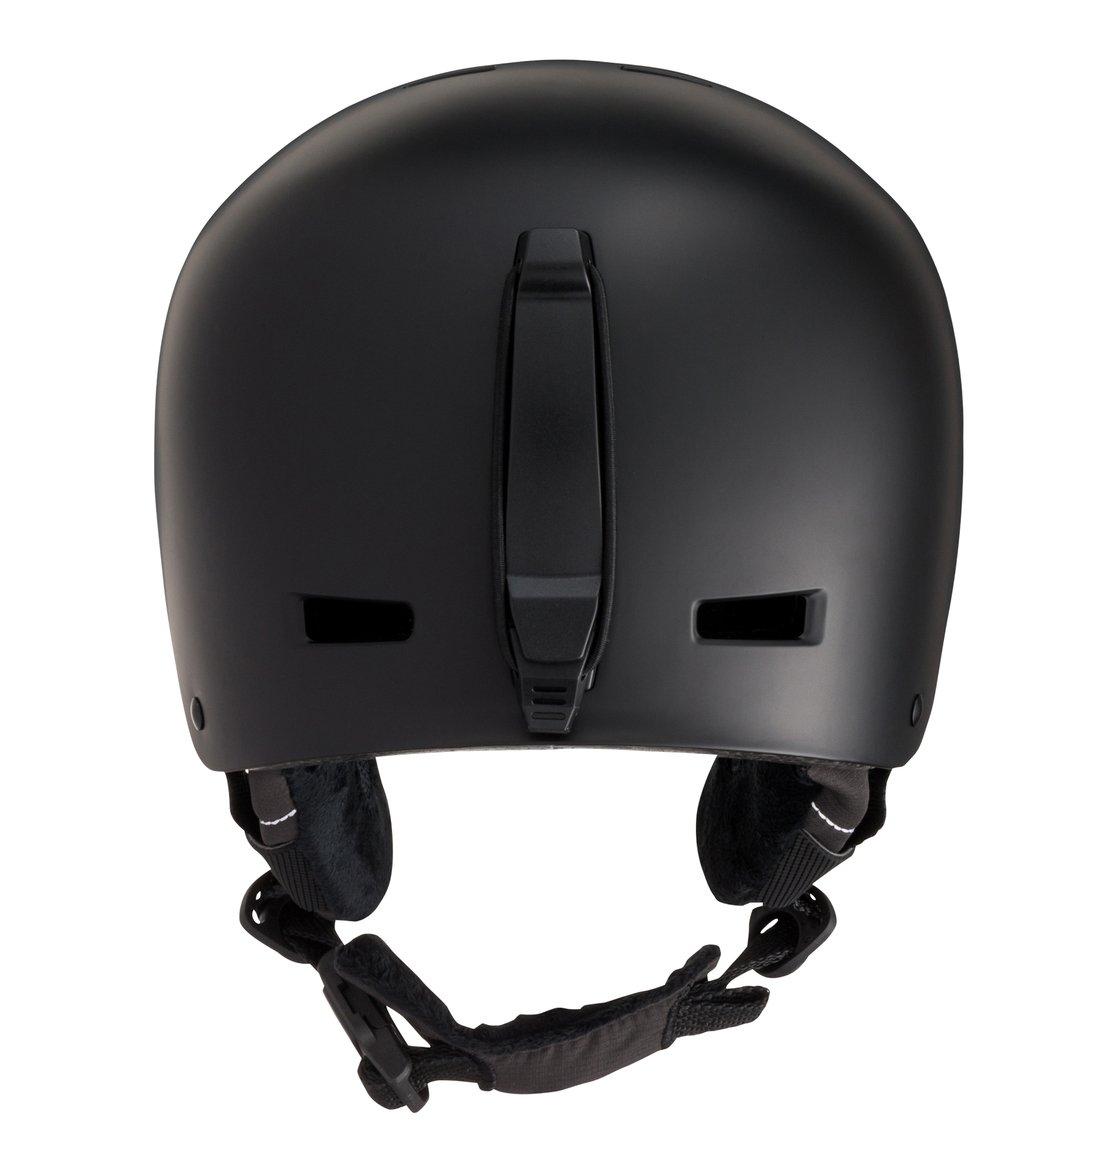 Helmet bombers